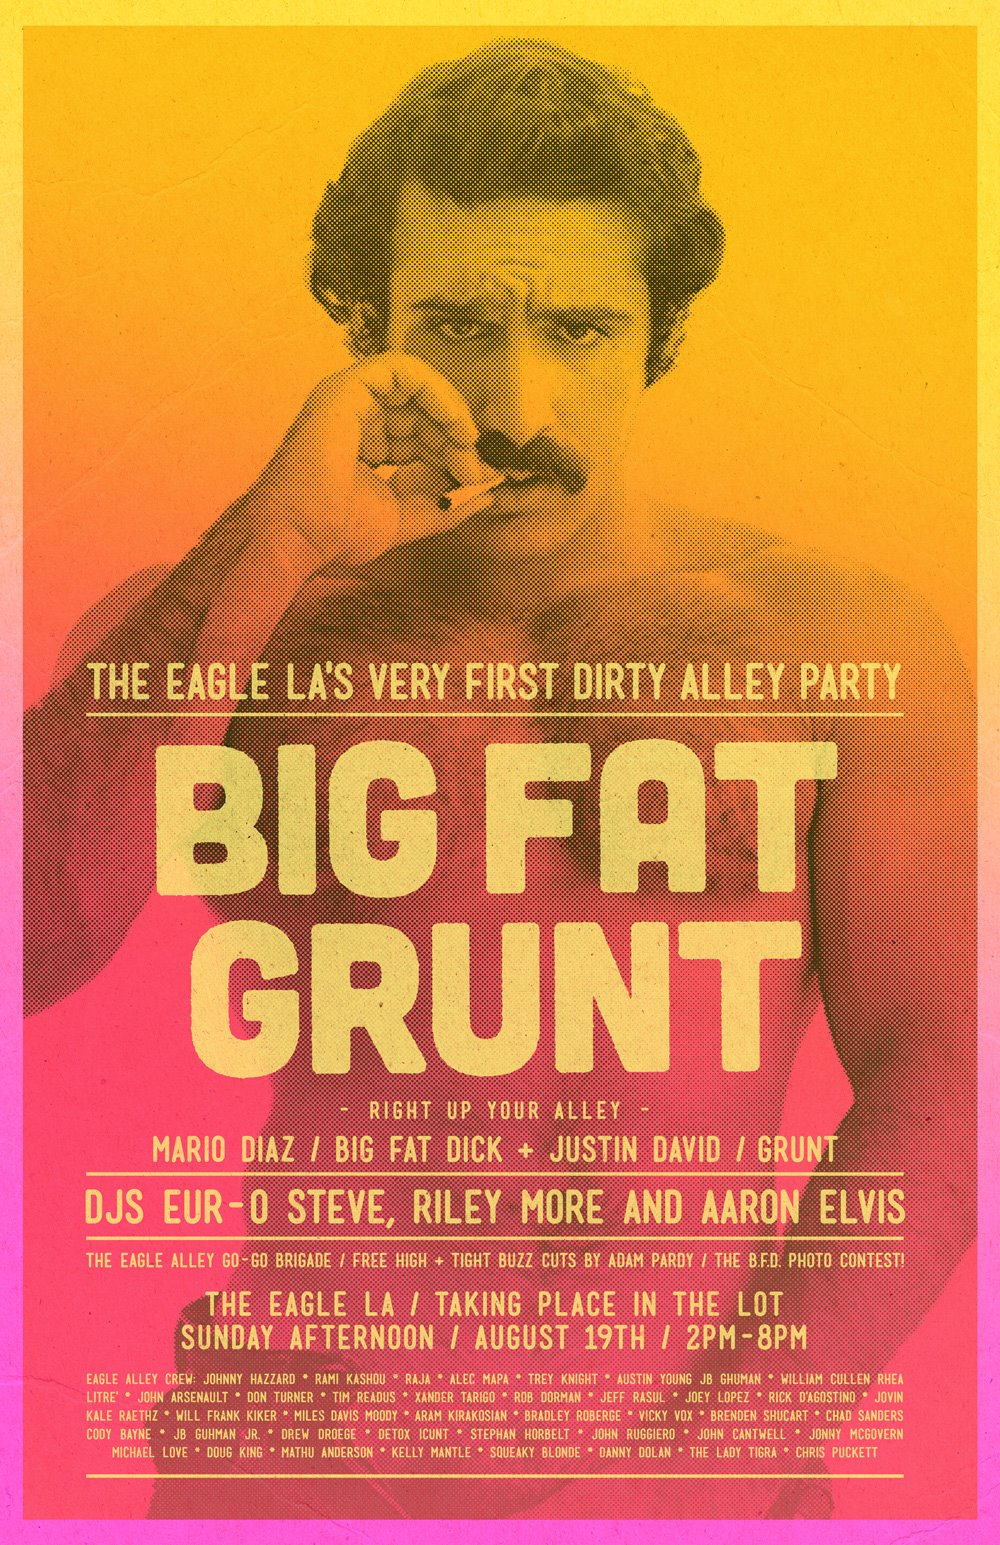 Big Fat Grunt